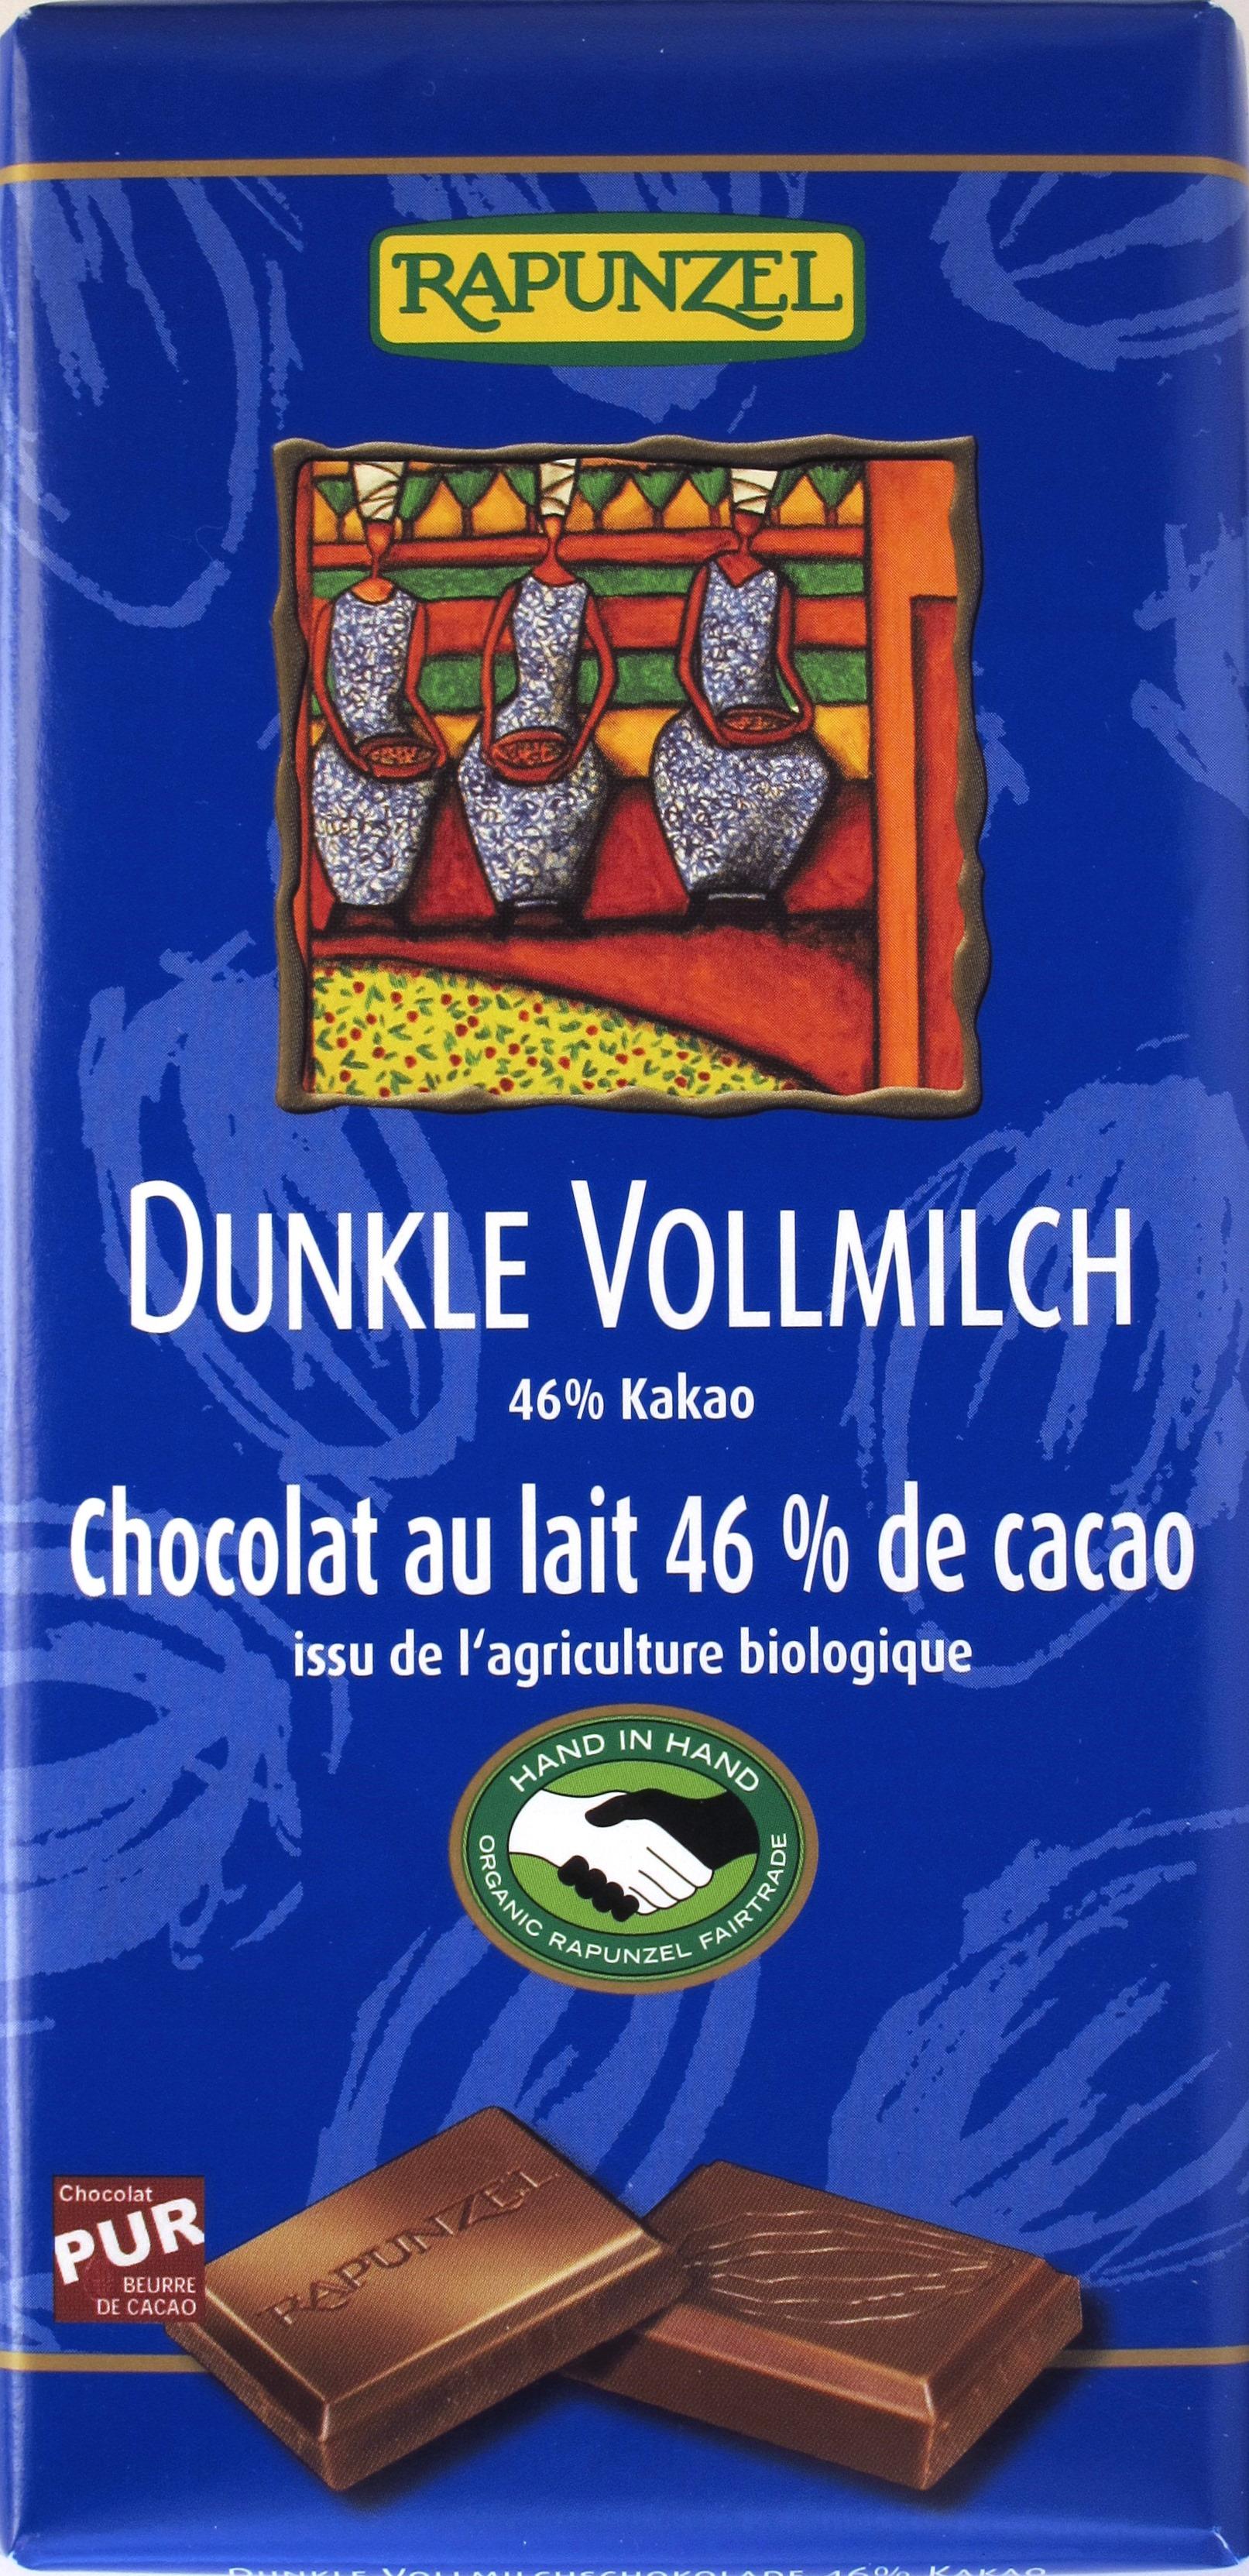 Rapunzel 46% Dunkle Vollmilchschokolade, Vorderseite